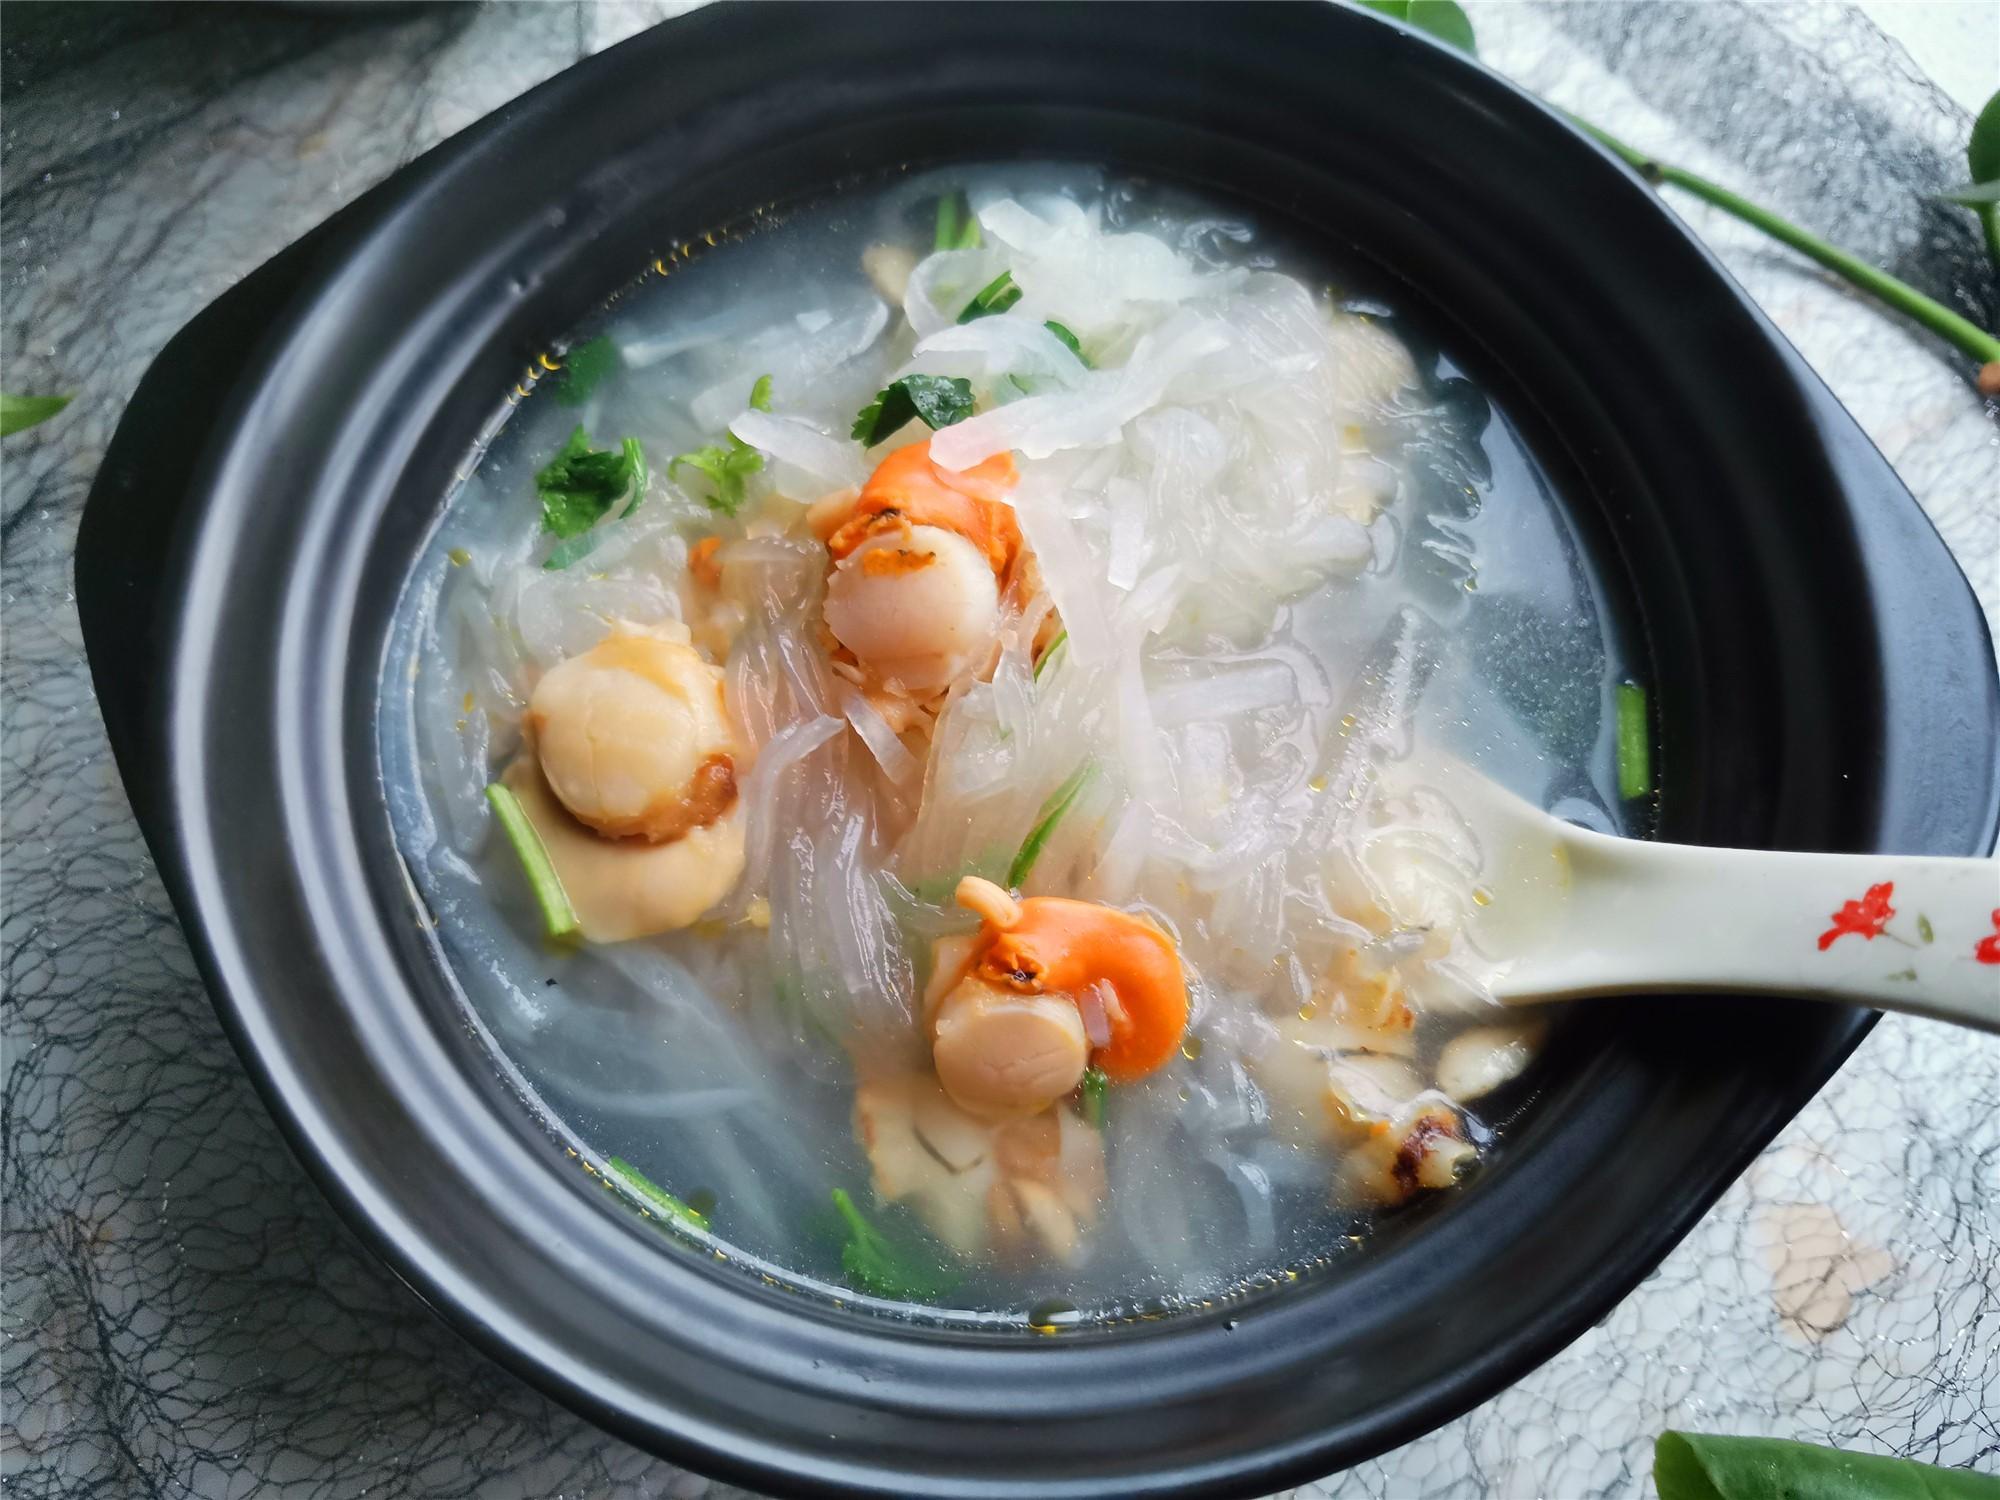 天凉,喝什么汤好?推荐一道家常汤做法,汤鲜味美 ,暖心暖胃,要多喝